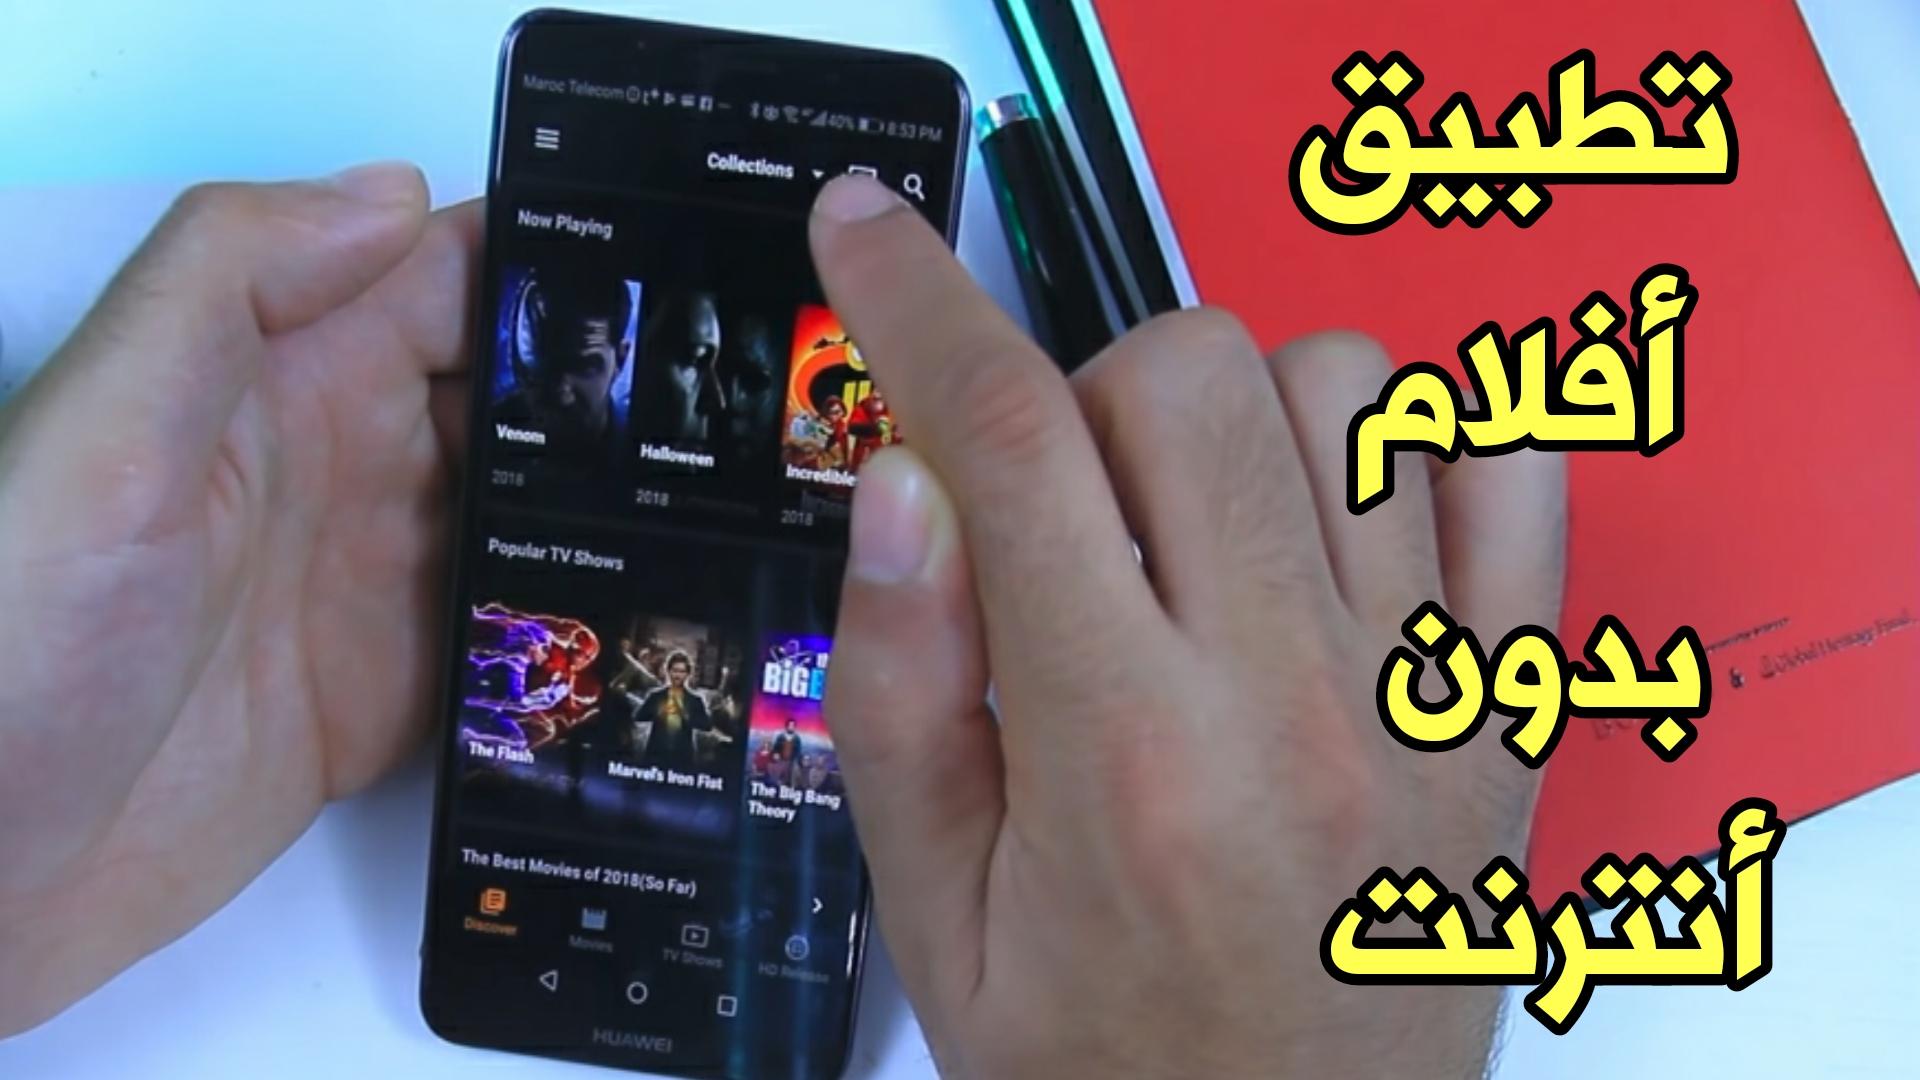 شاهد الأفلام الأجنبية بدون أنترنت على الهواتف الذكية !!! أفلام أجنبية مع الترجمة الى العربية